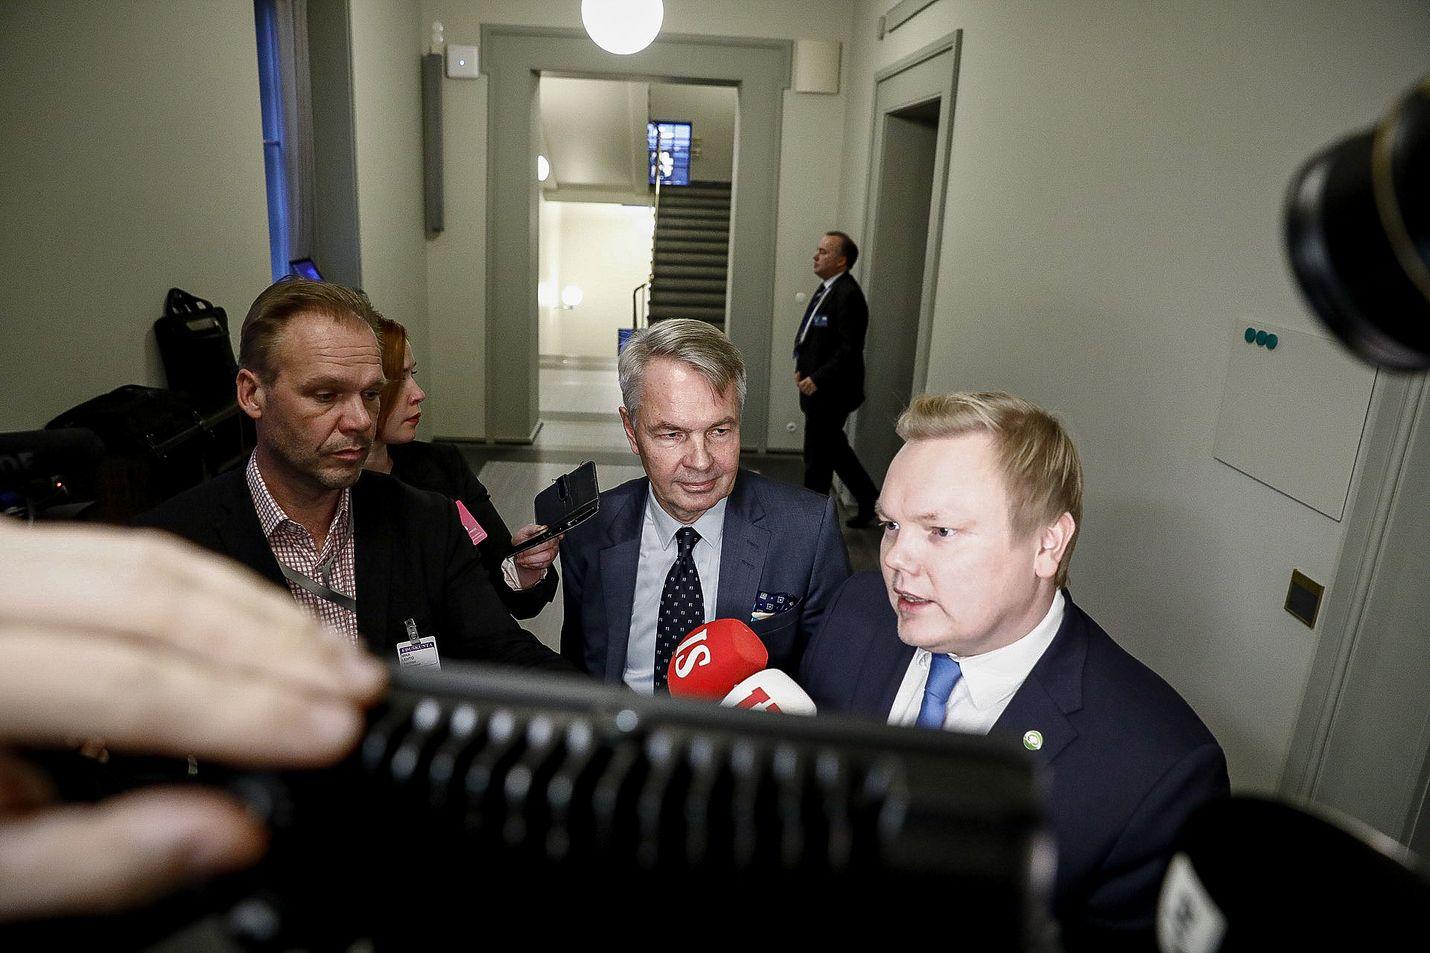 Keskustan eduskuntaryhmän puheenjohtaja Antti Kurvinen on taas tulessa. Nyt selvitellään jälleen kerran, mikä on puolueen kanta al-Holin leirin lasten ja äitien palautuksiin.